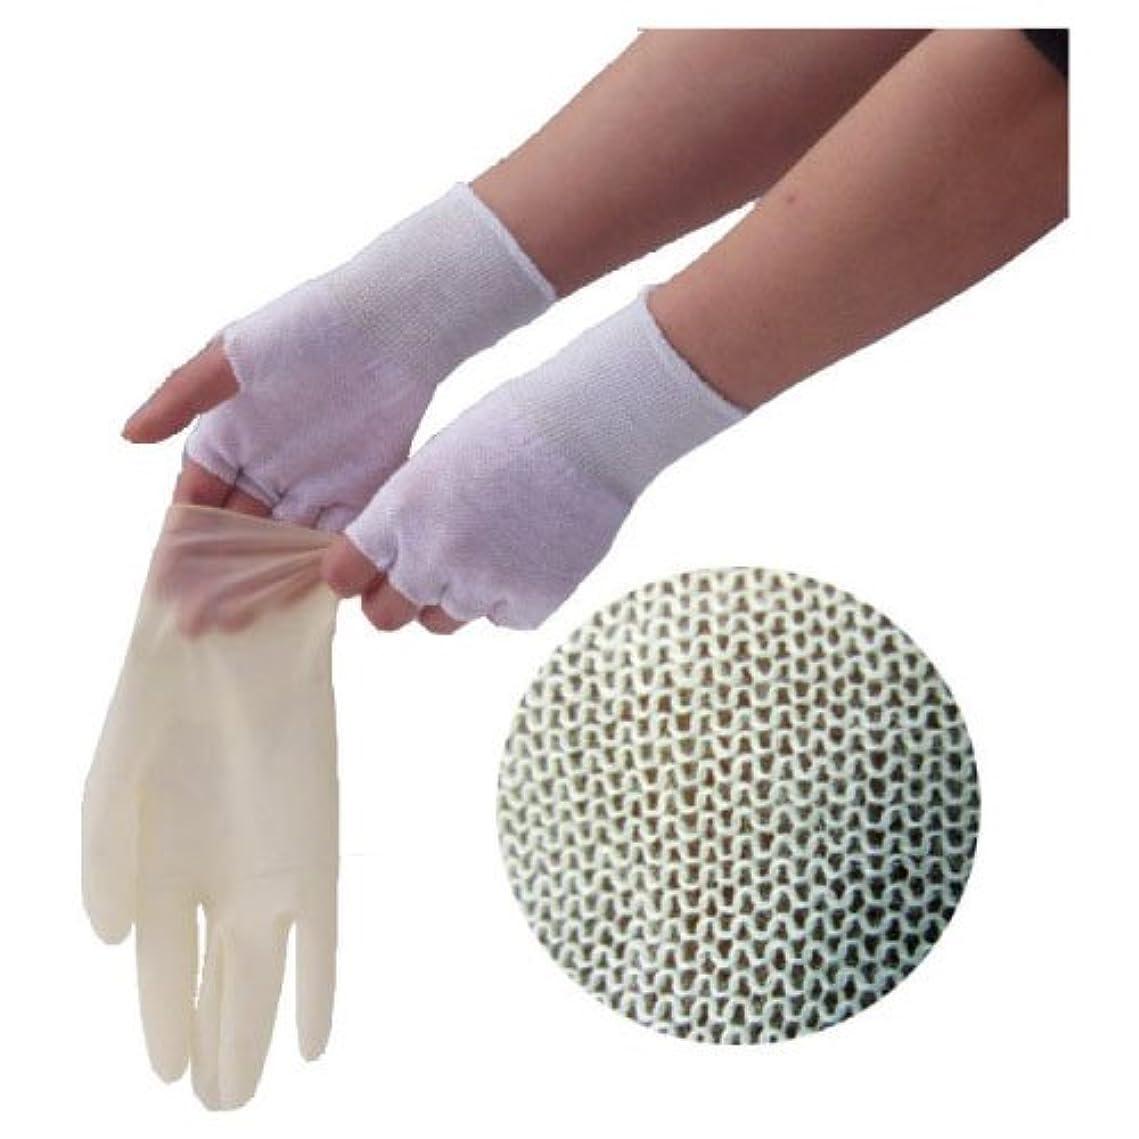 反対した領事館ありそうやさしインナー手袋(指なし) GI01 フリー 材質:コットン